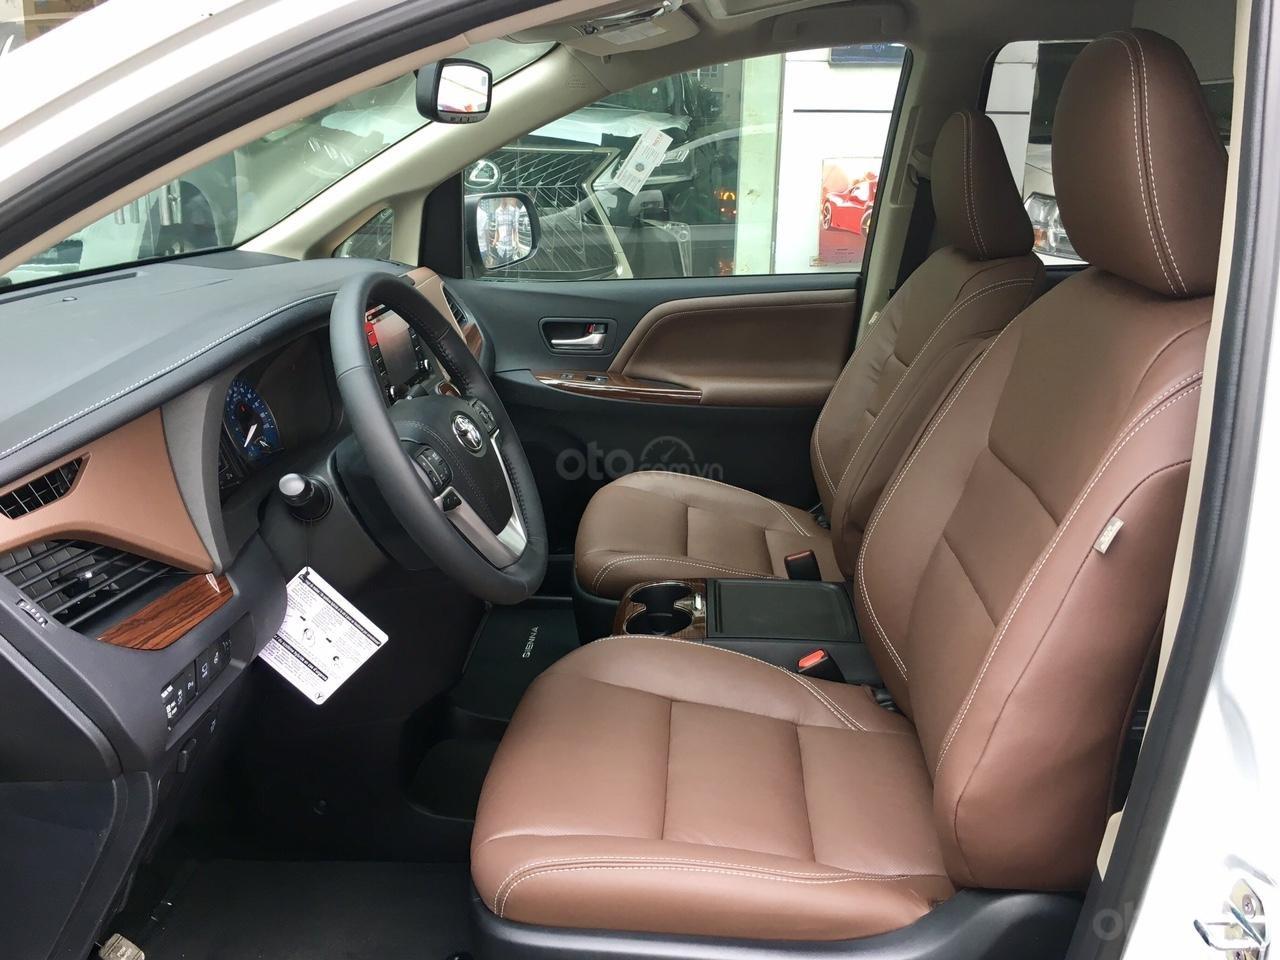 Bán Toyota Sienna Limited 1 cầu model 2020 giao ngay toàn quốc, giá tốt - LH 093.996.2368 Ms Ngọc Vy (20)